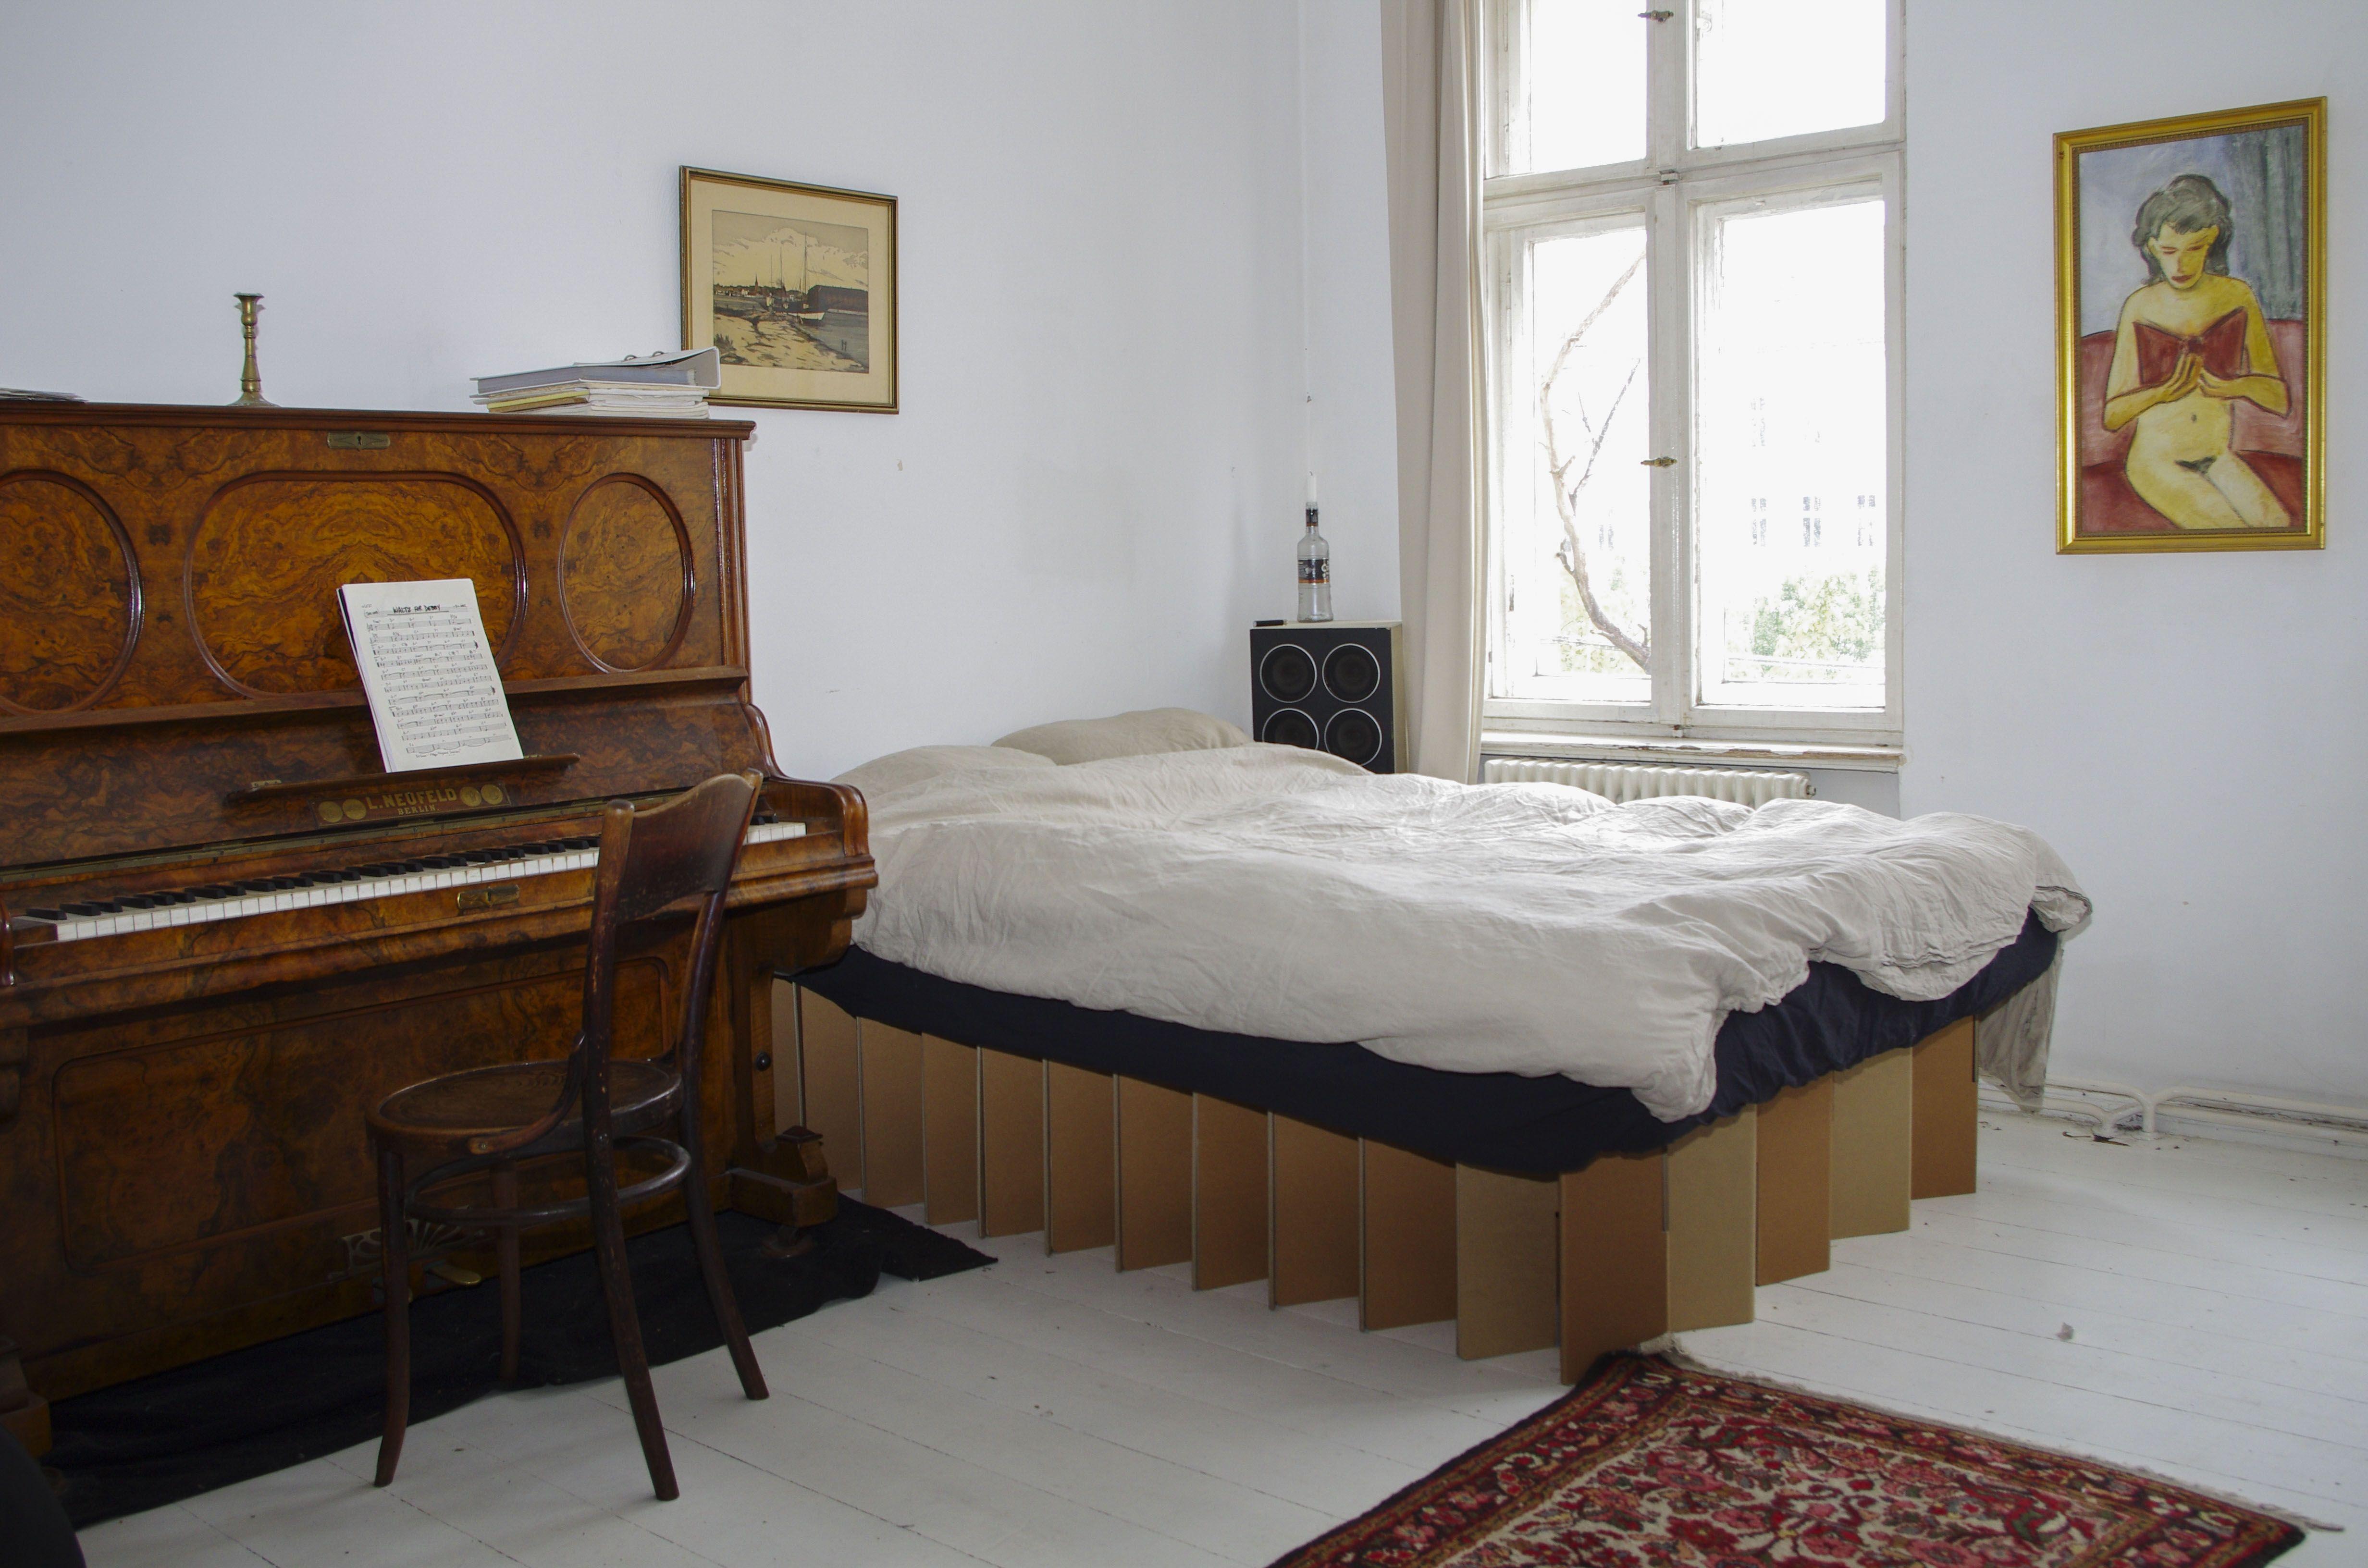 Bezaubernd Hängendes Bett Sammlung Von Our Cardboard Bed In A Colonial-style Bedrooom